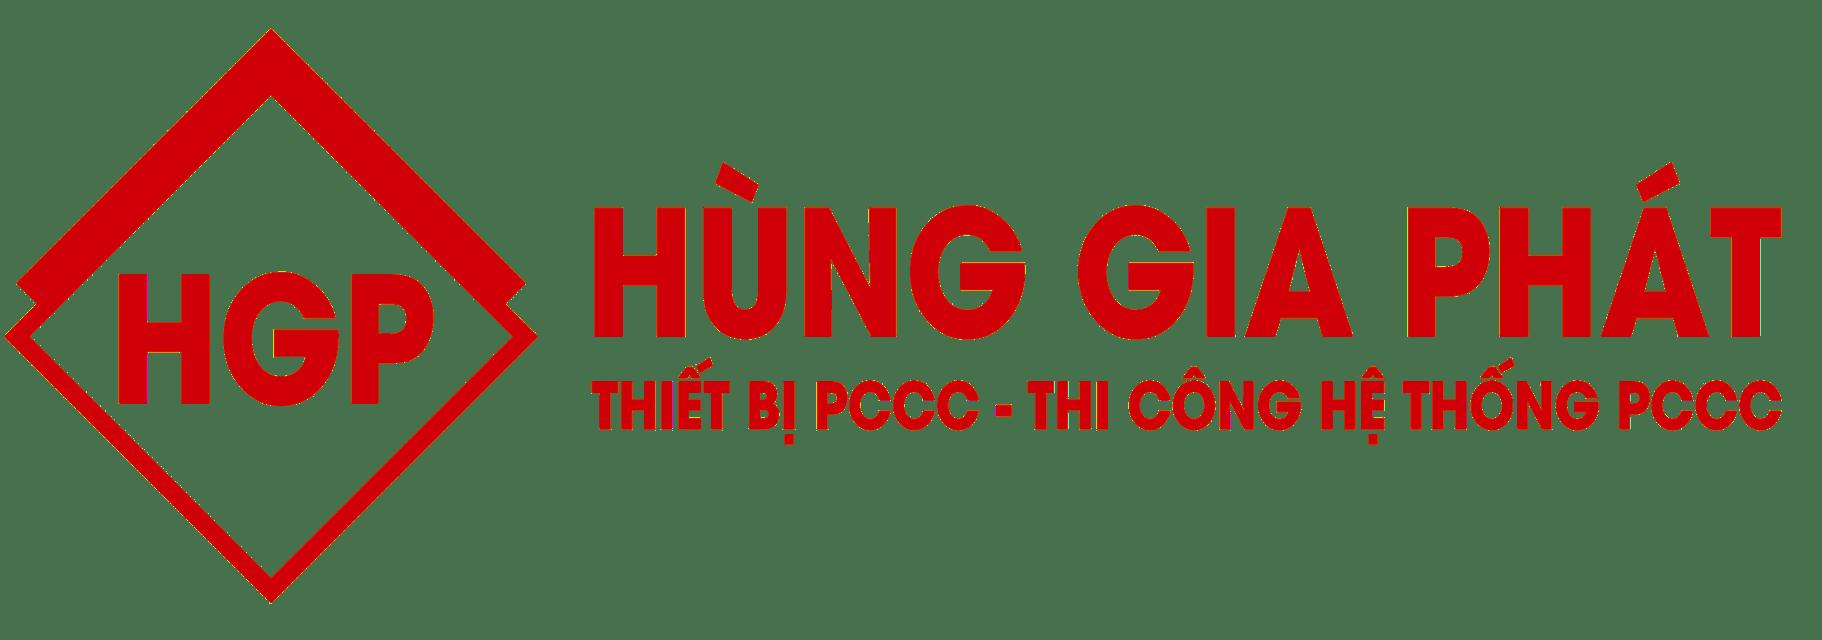 PCCC Hùng Gia Phát – Nhà Cung Cấp Hệ Thống PCCC